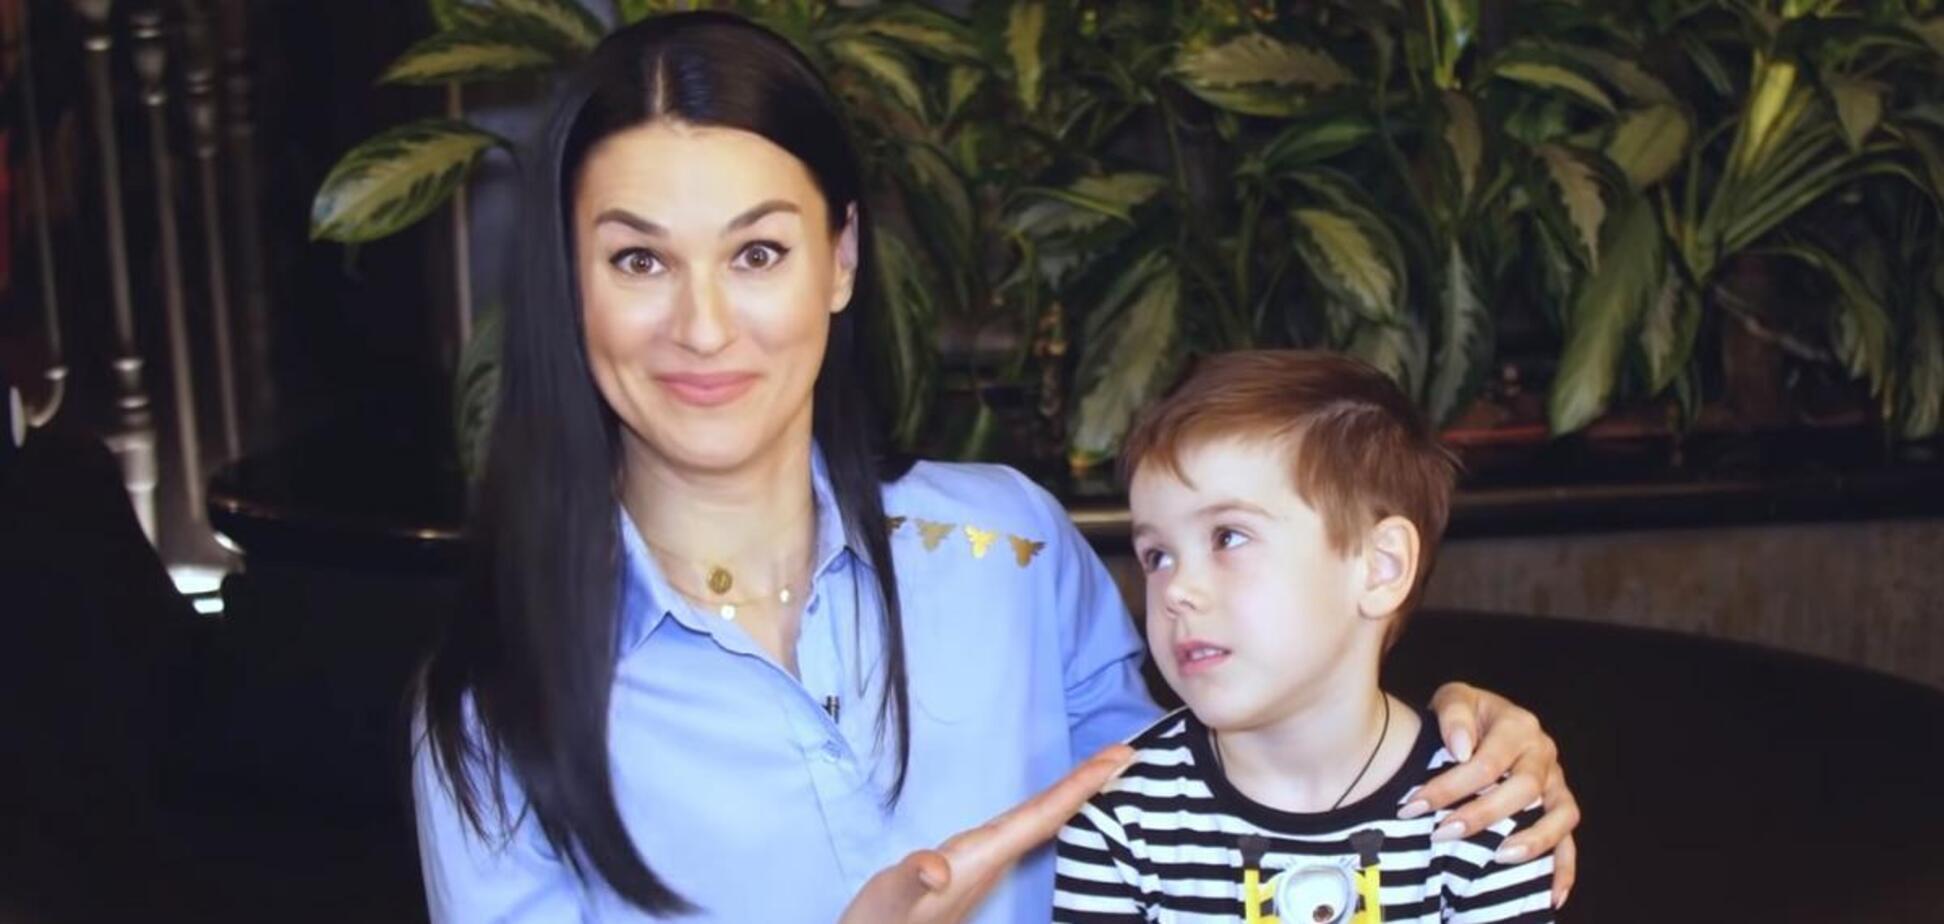 Сын Ефросининой будет учиться в элитной школе Киева: год обучения там стоит 12,5 тыс. долларов